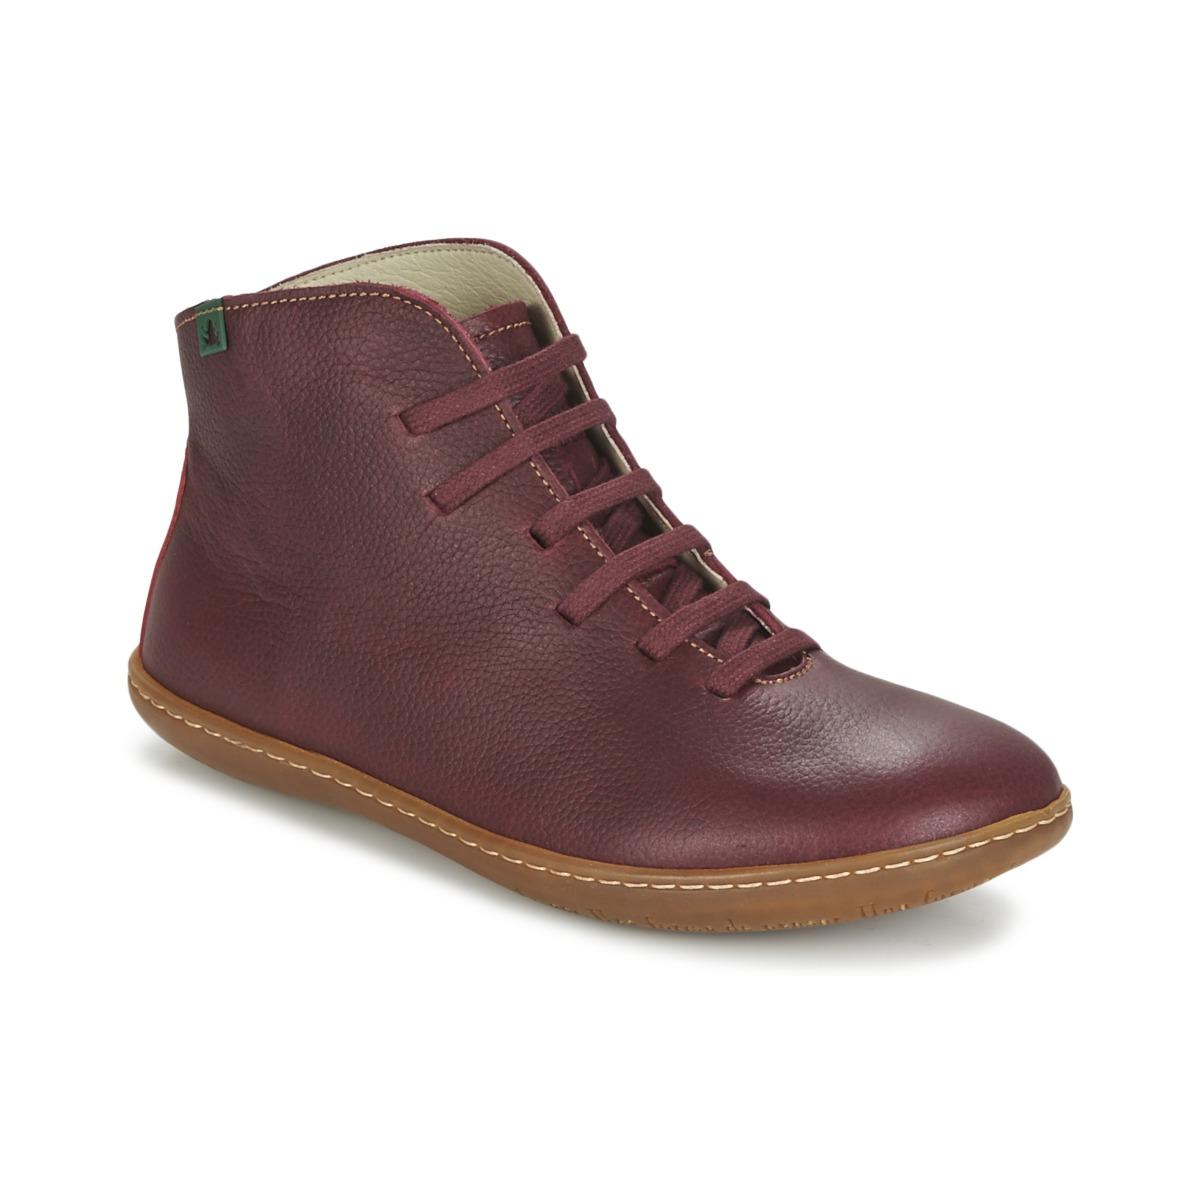 63379276cf211 El Naturalista EL VIAJERO Bordeaux - Livraison Gratuite avec Spartoo.com !  - Chaussures Boot Femme 75,00 €